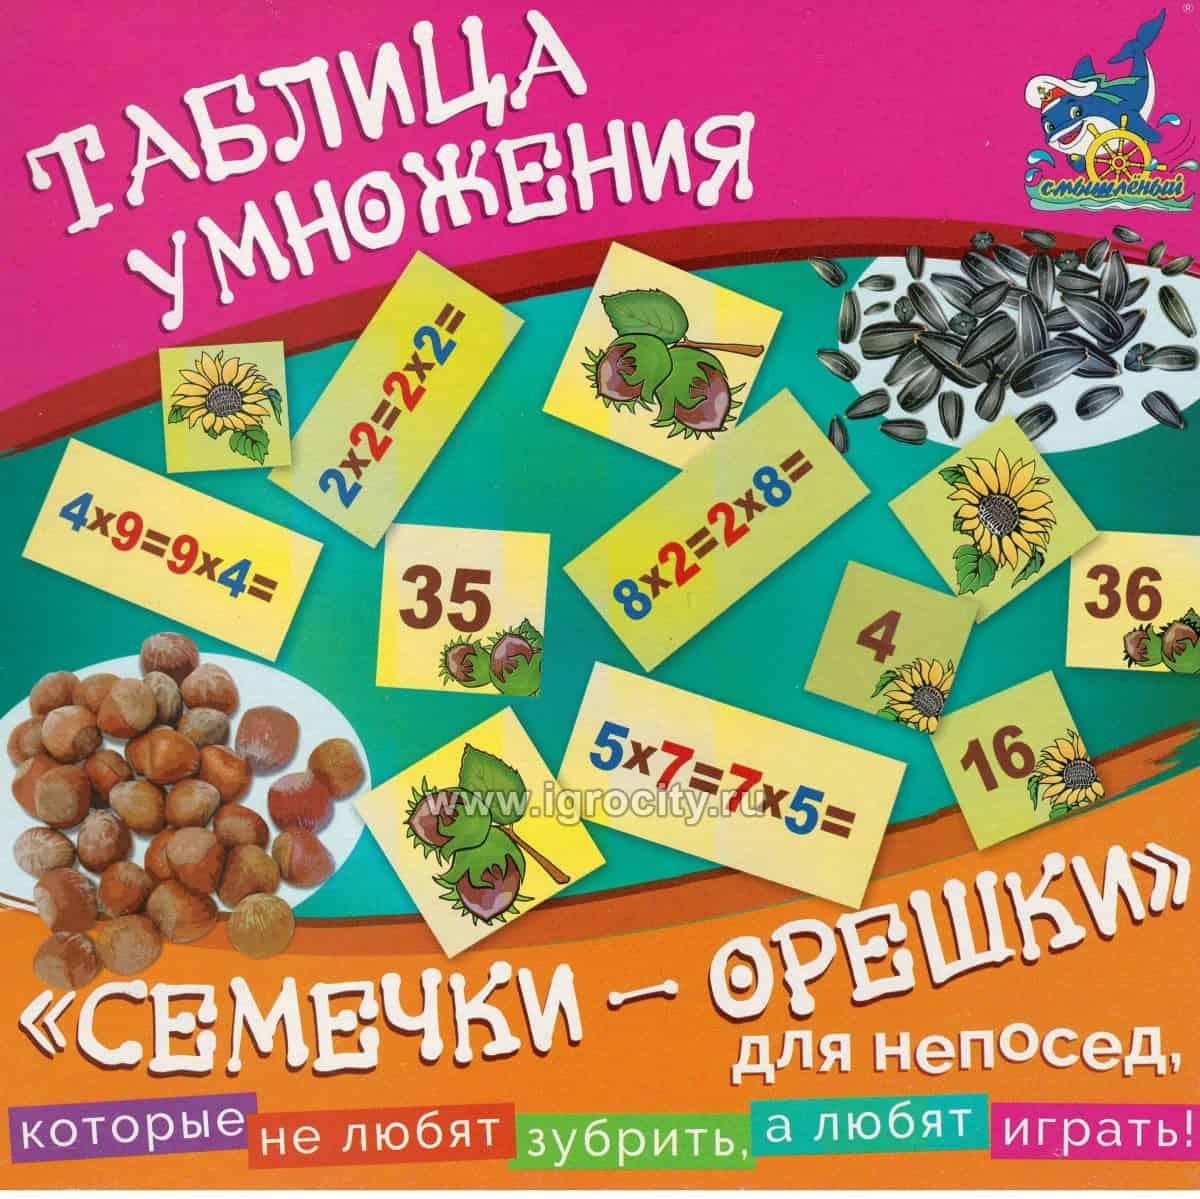 semechki_oreshki